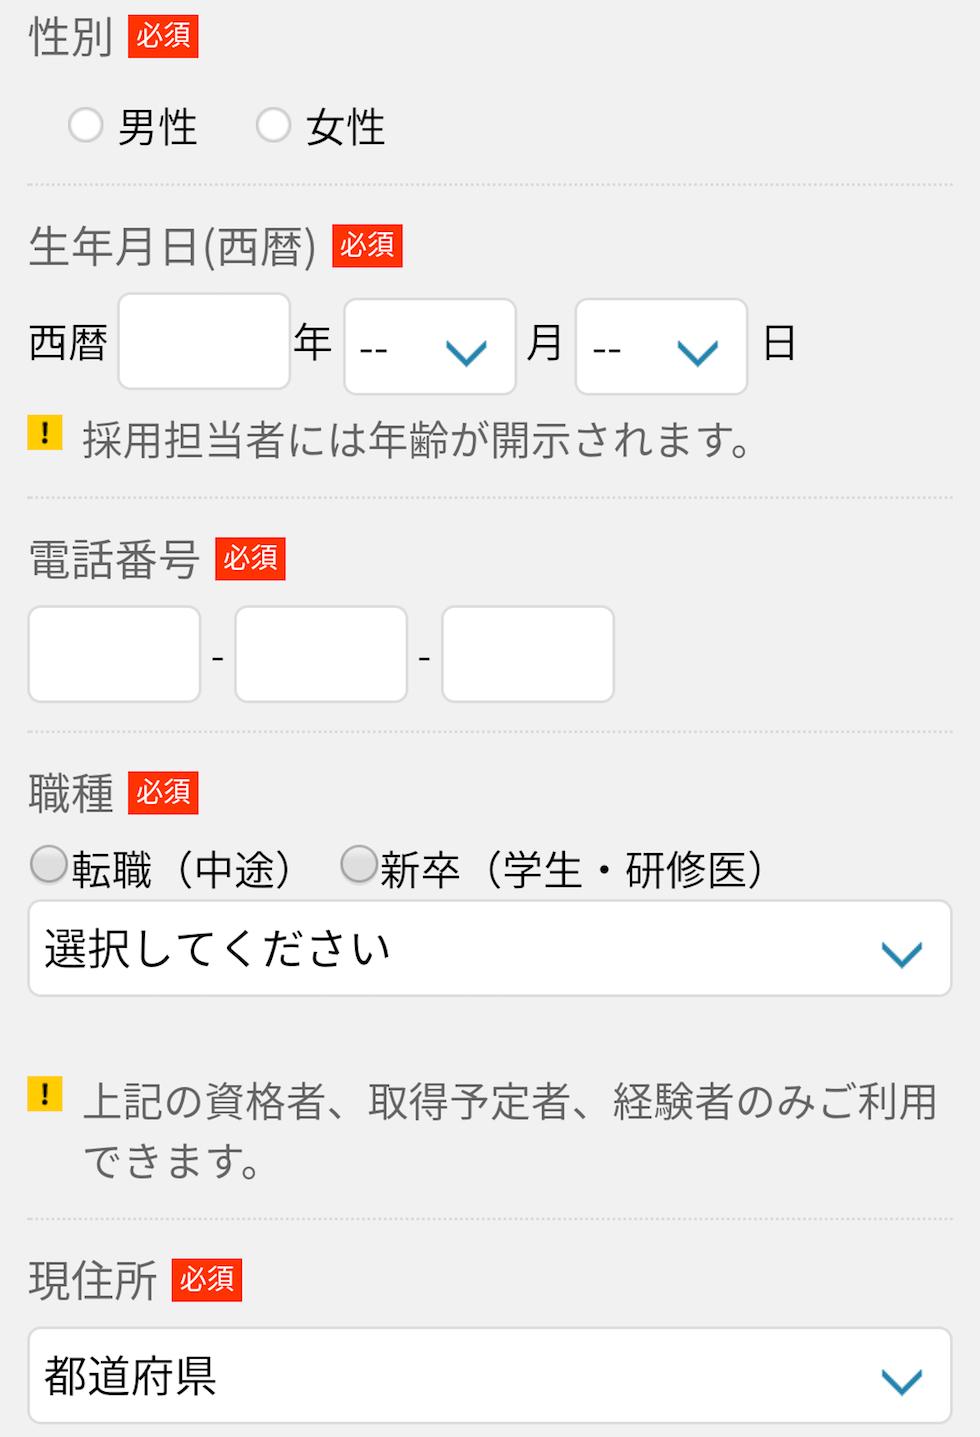 グッピー薬剤師の登録02